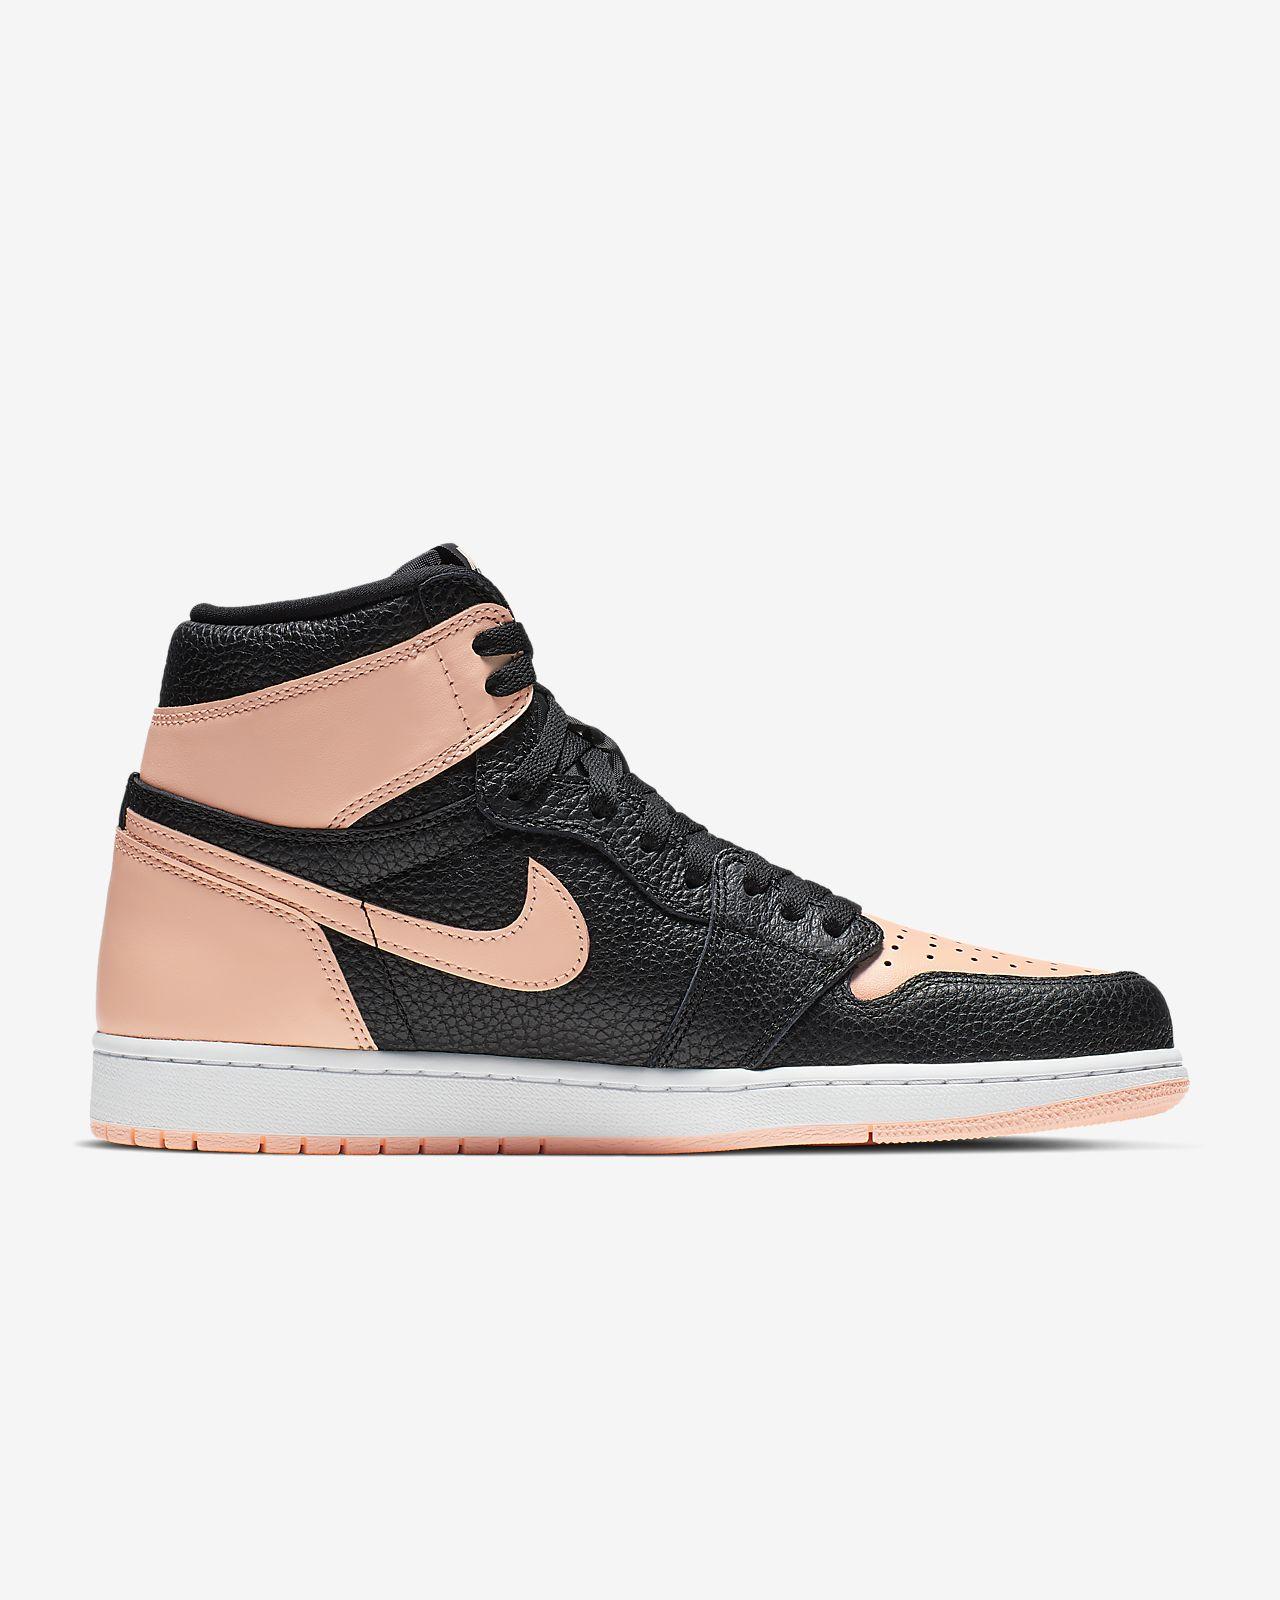 6e563b8c0427 รองเท้า Air Jordan 1 Retro High OG. Nike.com TH